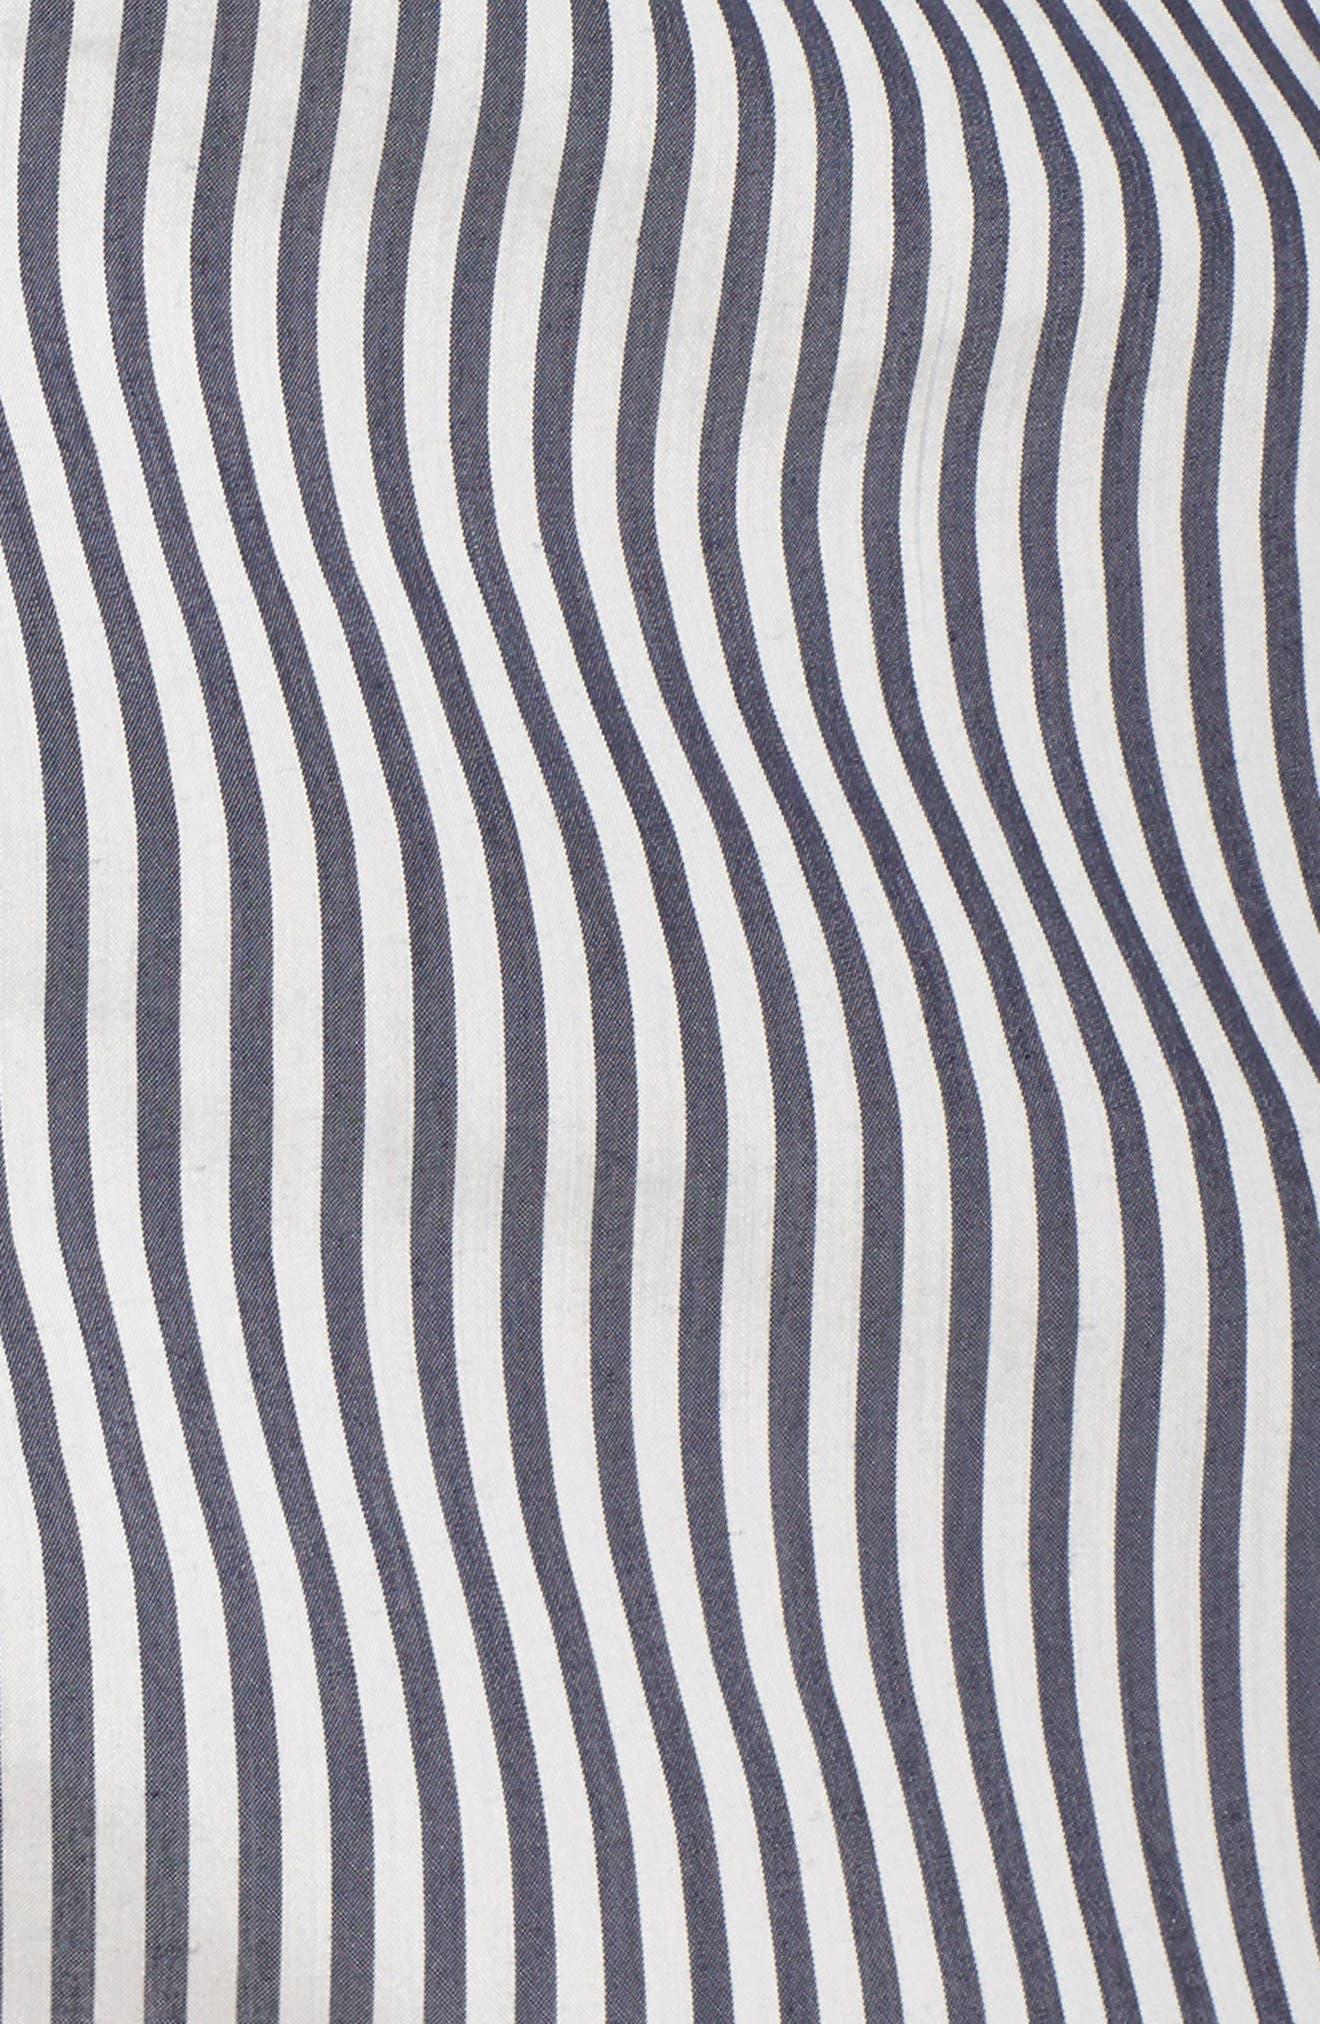 Patio Only Stripe Minidress,                             Alternate thumbnail 5, color,                             Navy/ White Mini Stripe